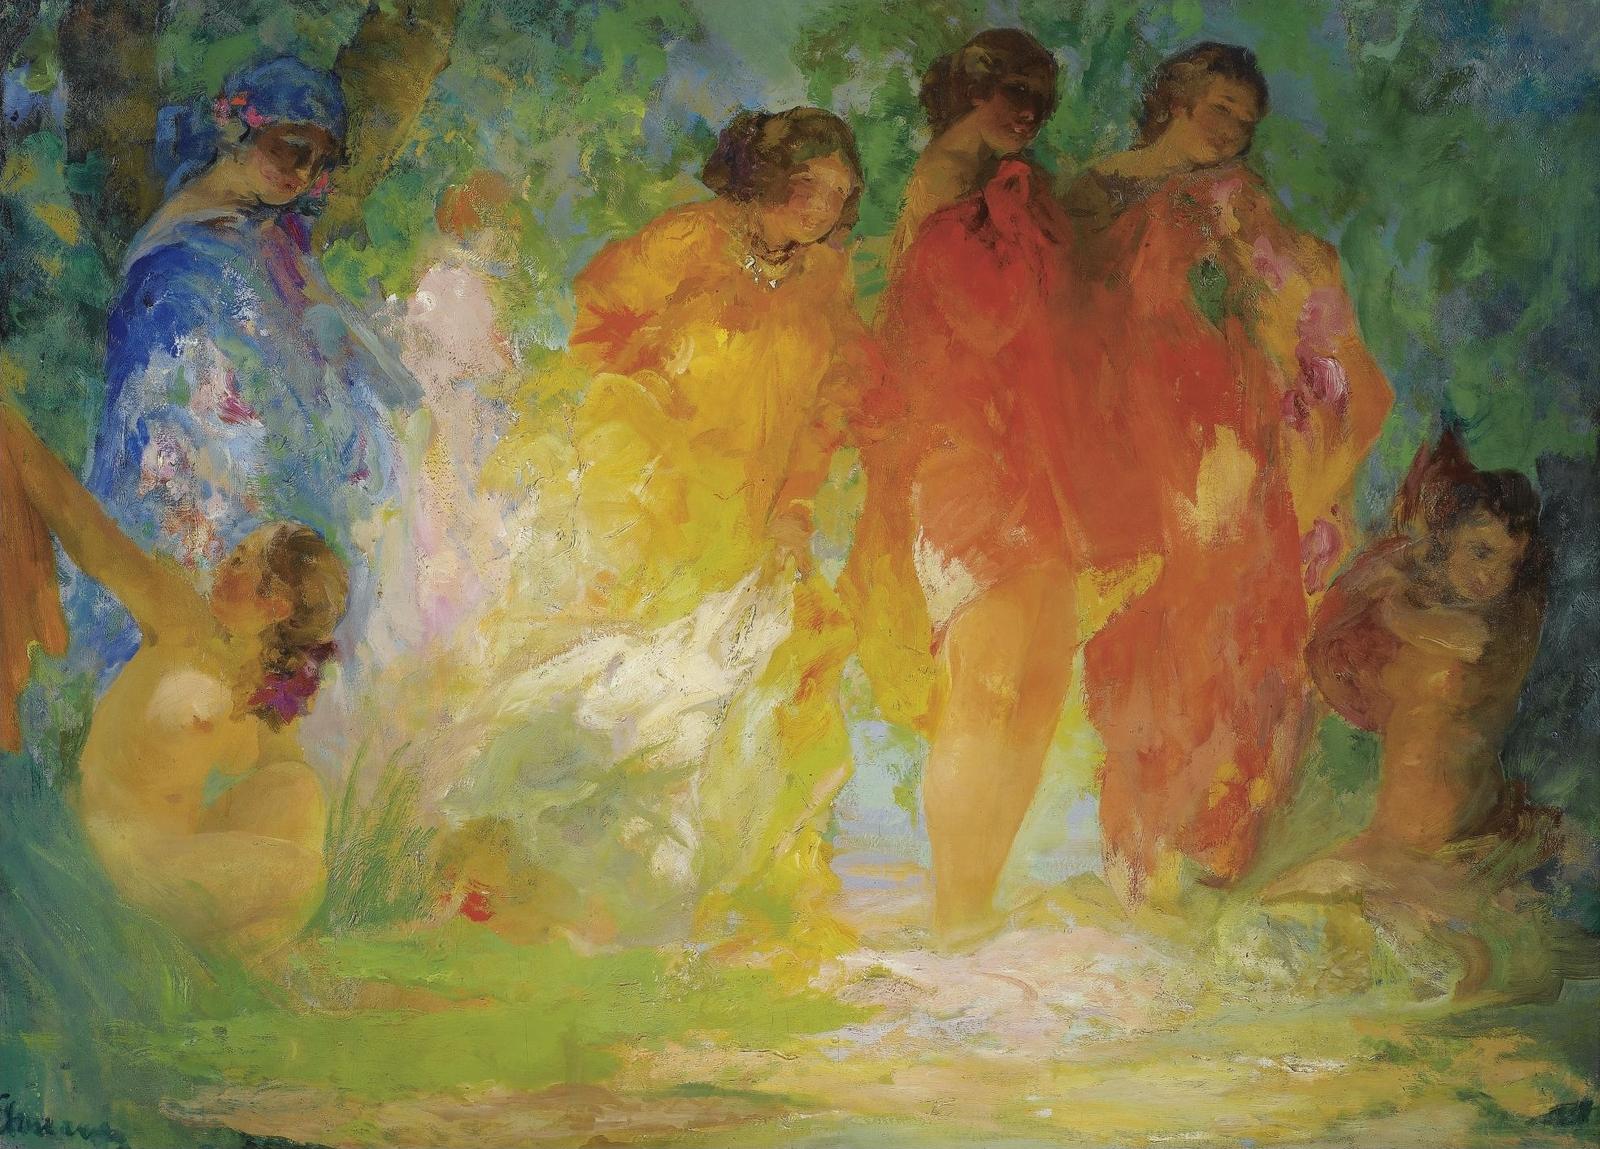 Купальщицы (The Bathers)_89 х 125_х.,м._Частная коллекция.jpg